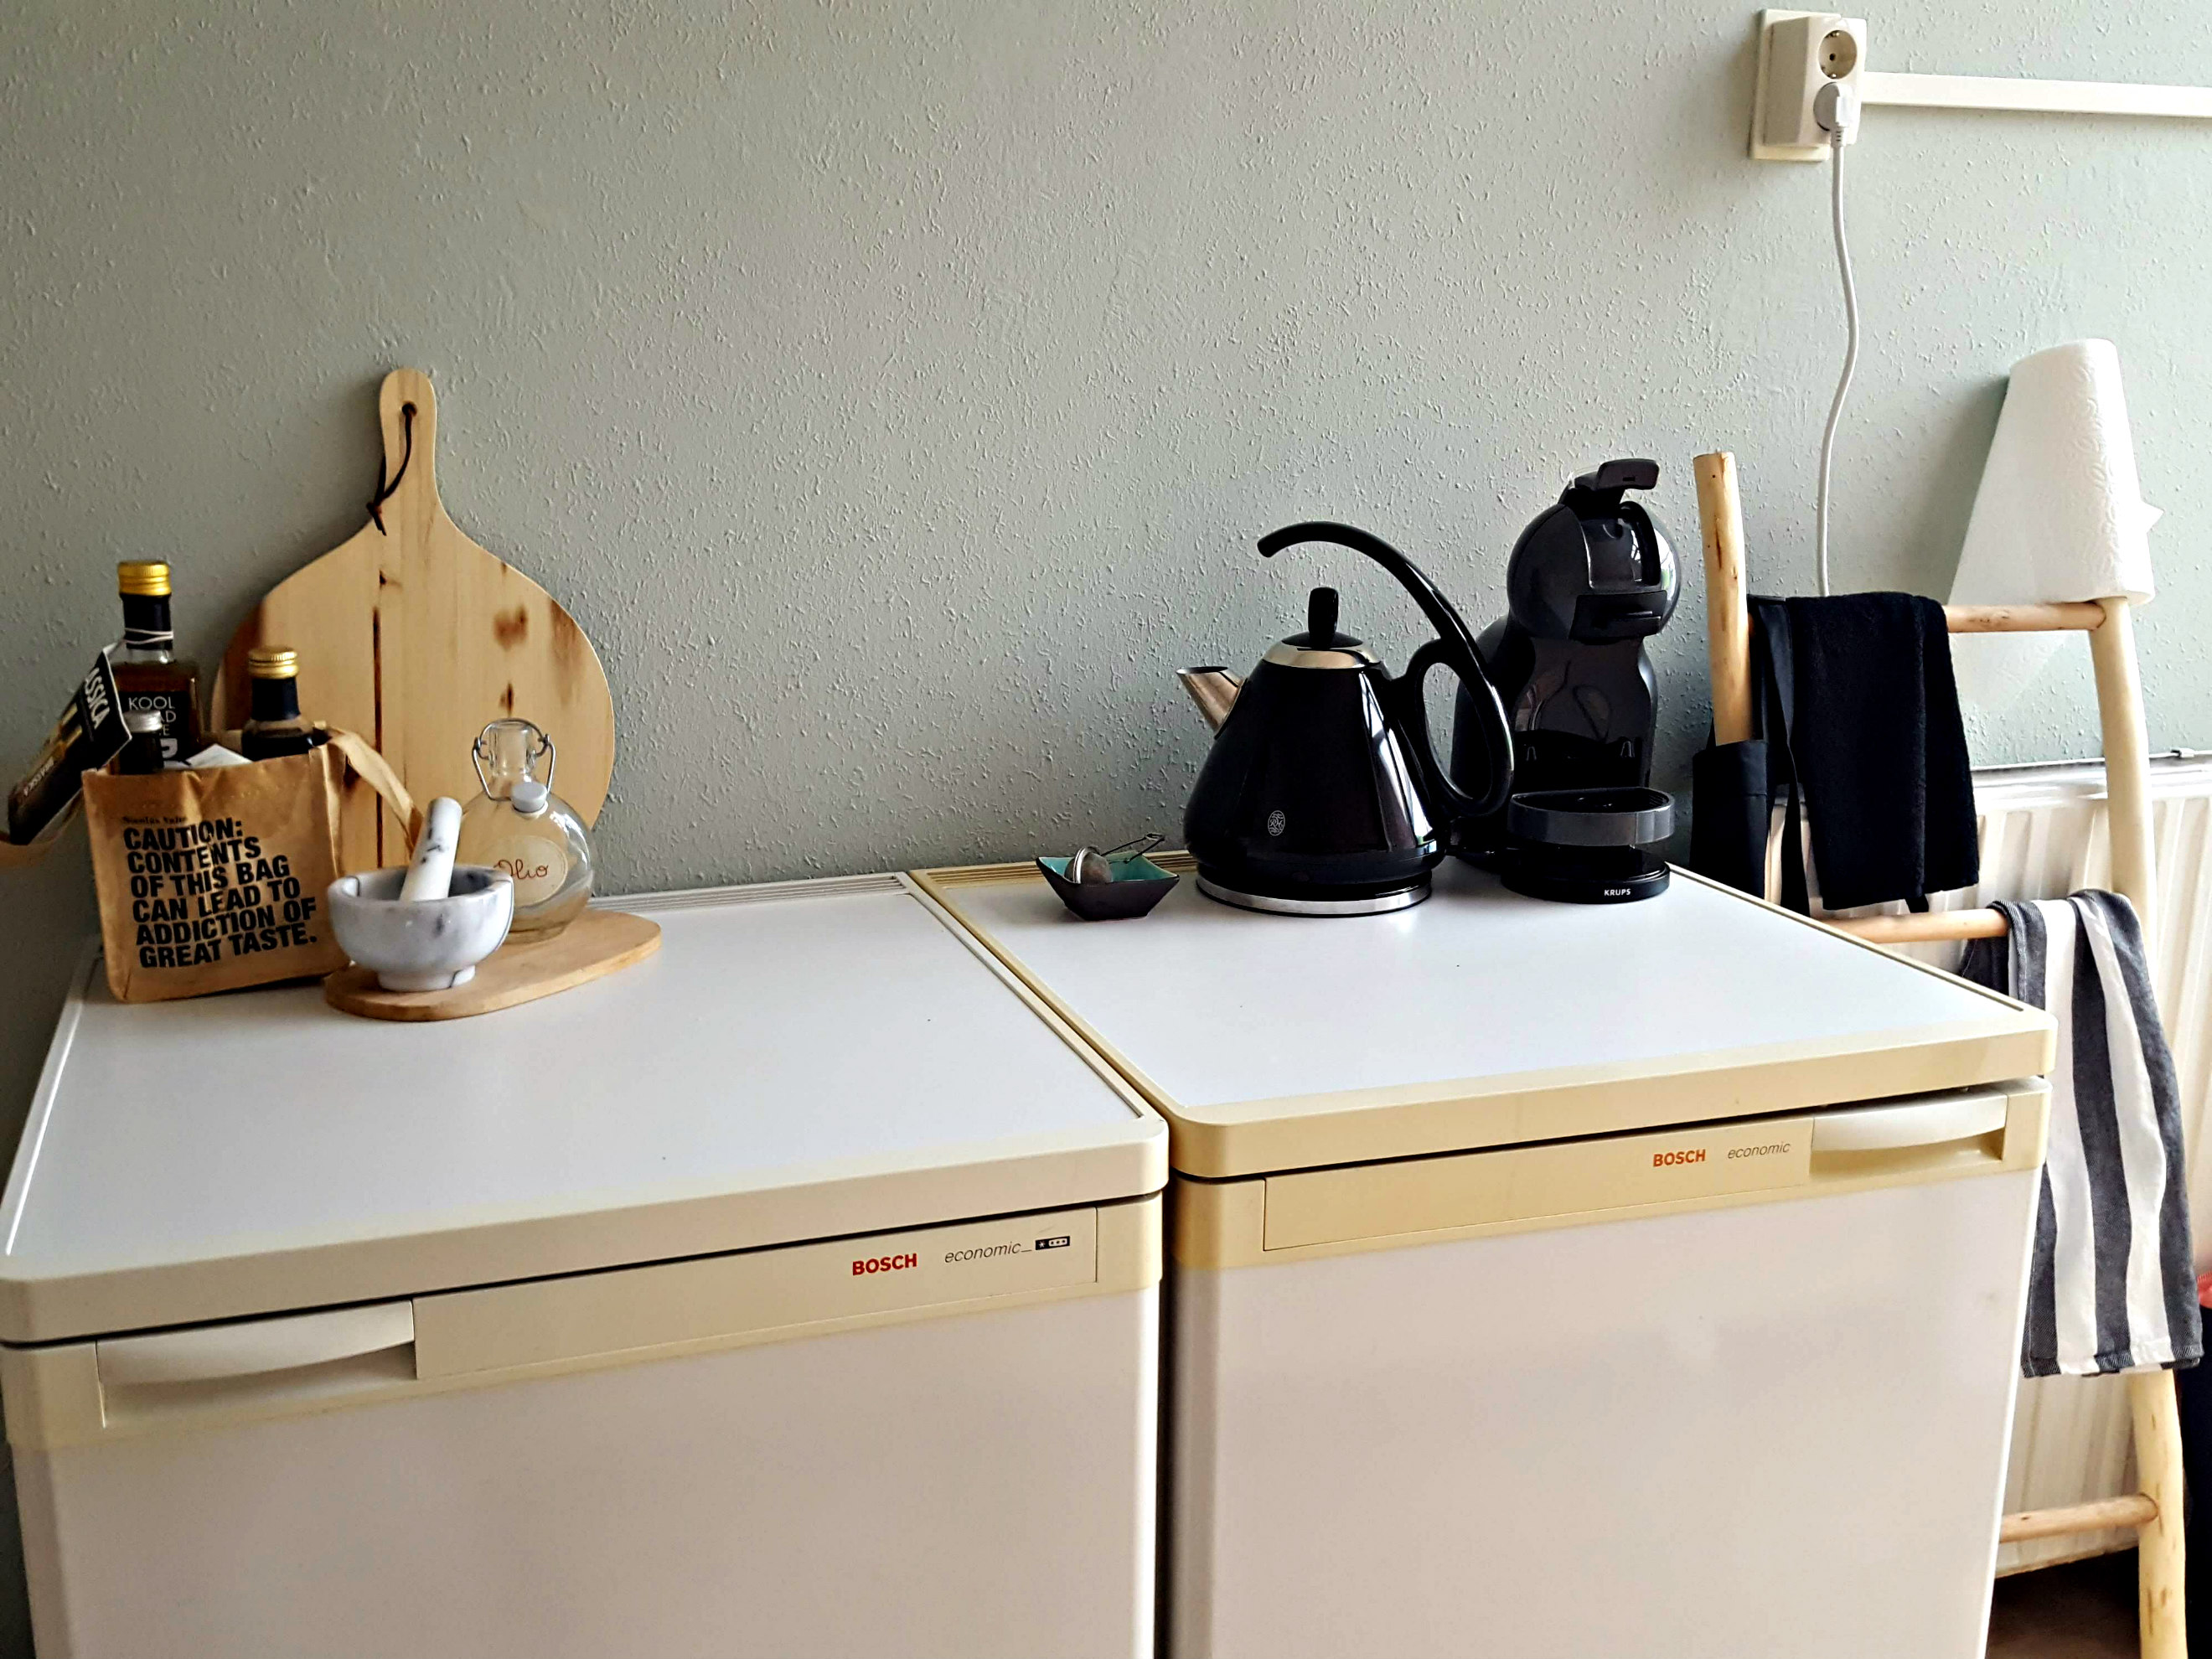 Bosch Economic Kühlschrank : Küchenzubehör kessel russel hobbs dolce gusto kühlschrank alle